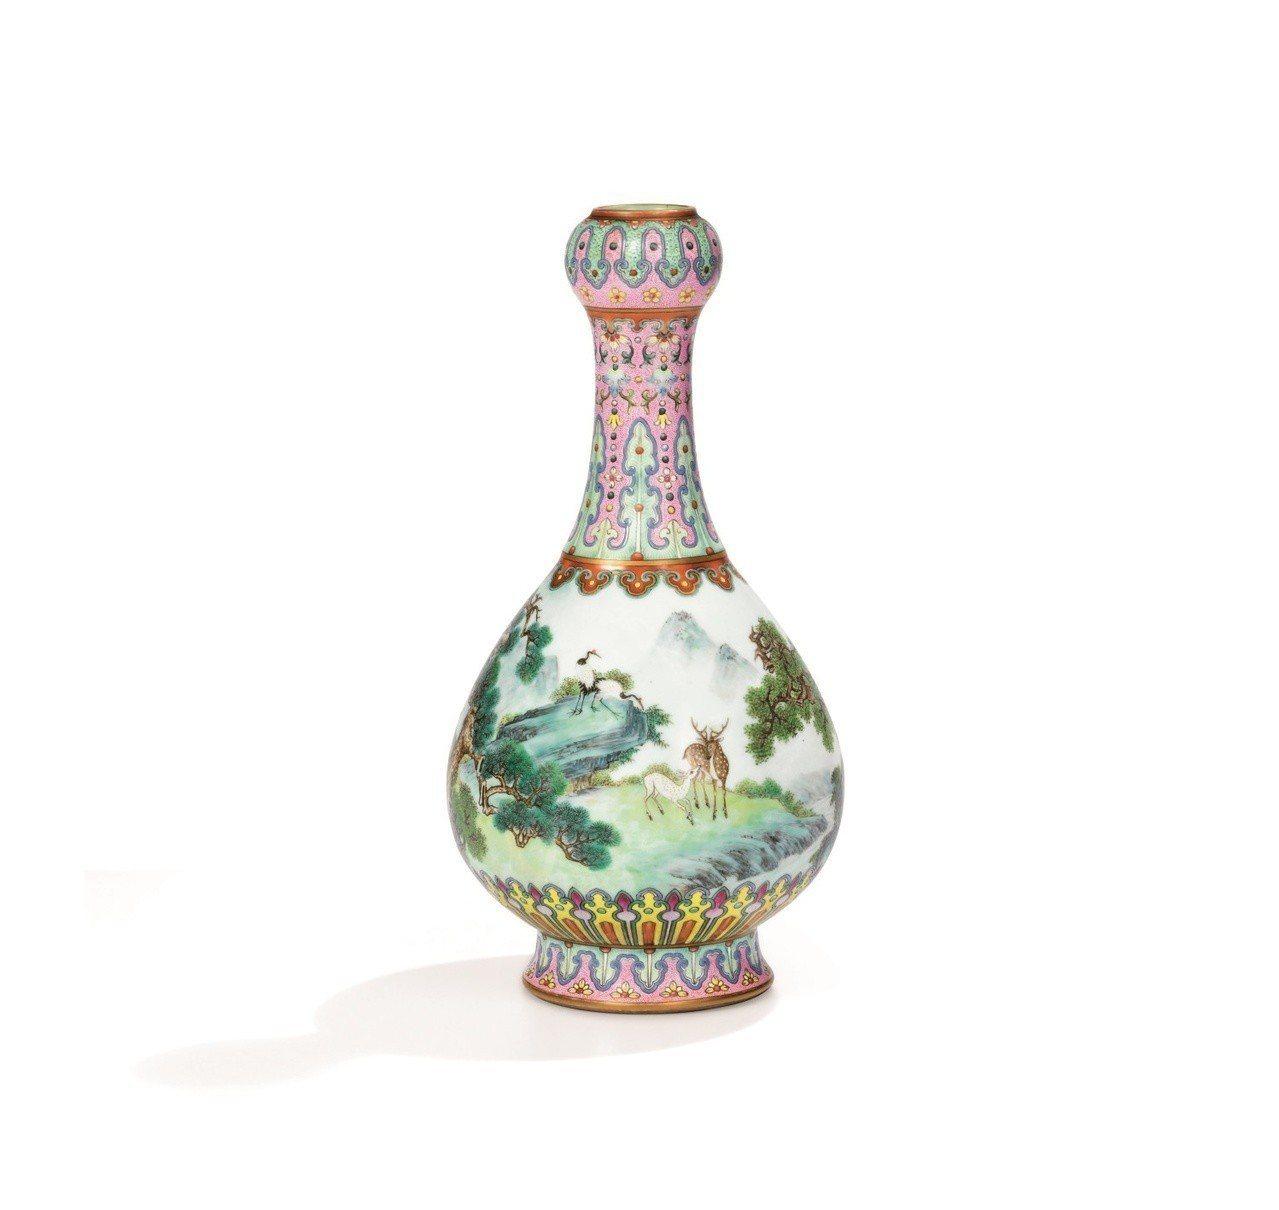 清瓷「清乾隆宮粉地洋彩鶴鹿同春如意瓶」拍出台幣5.6億天價。圖/蘇富比提供